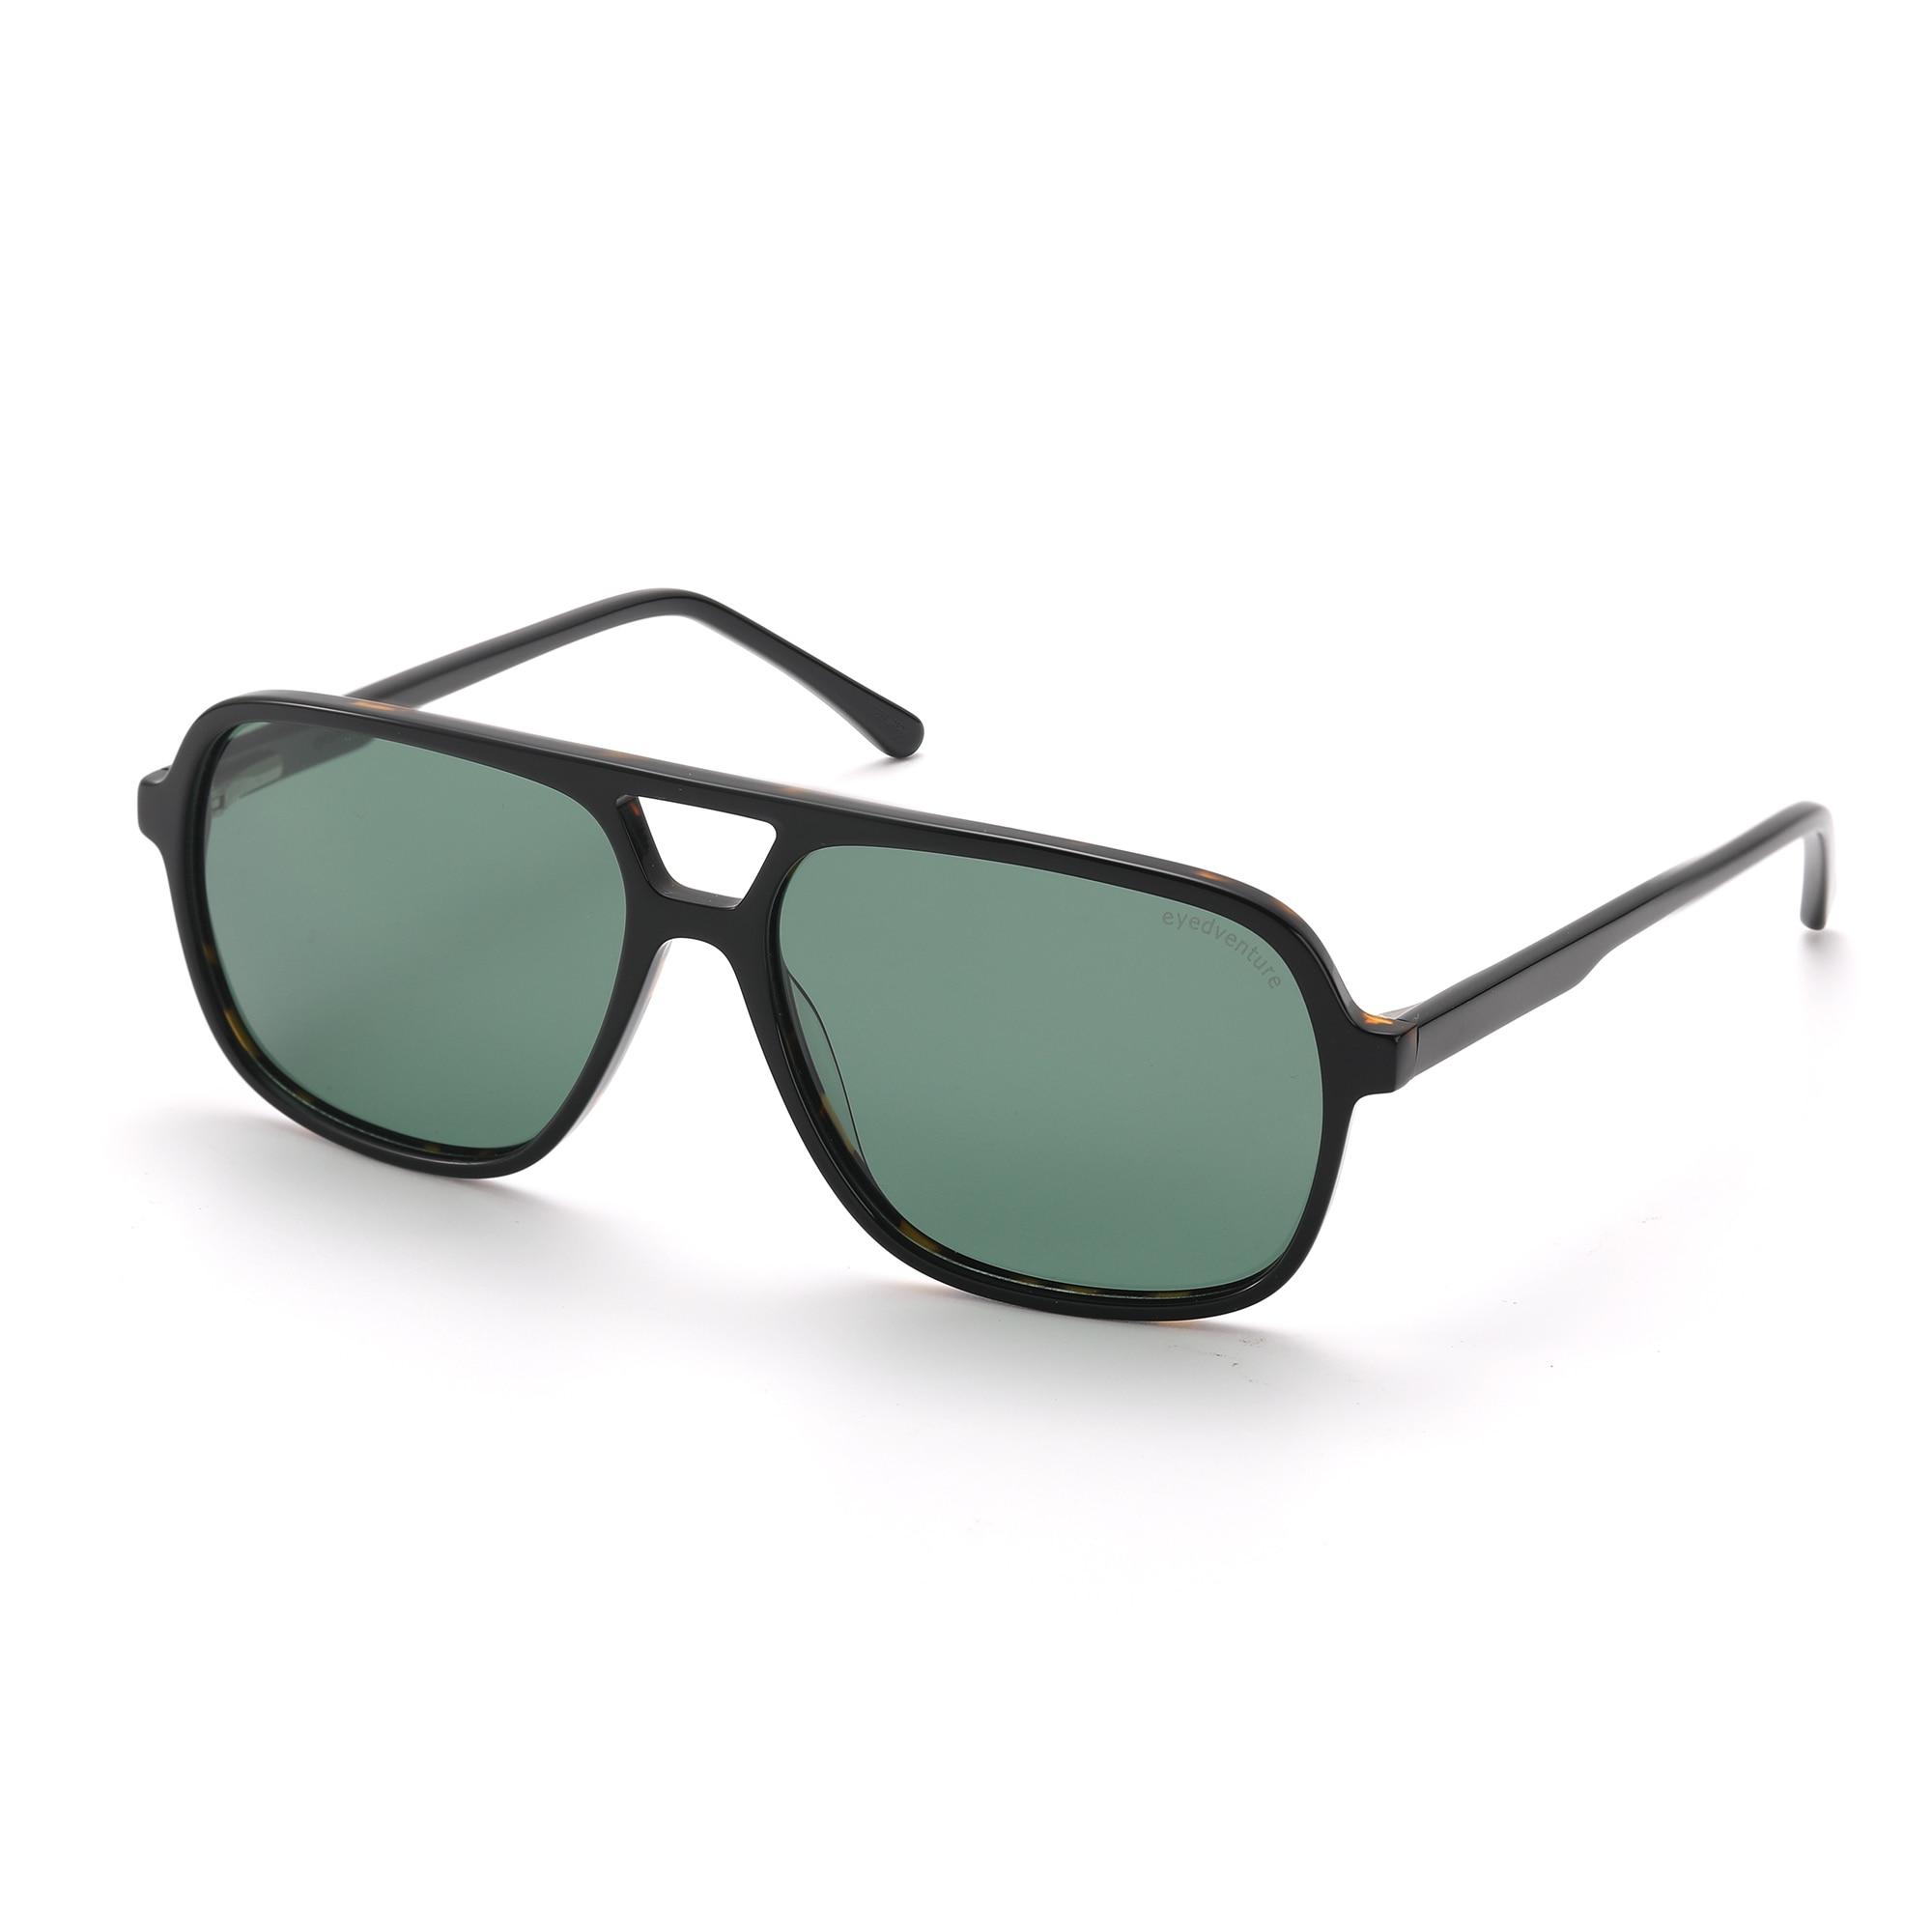 نظارات شمسية مربعة عتيقة للرجال من eyedadventure ، نظارات شمسية نسائية بفتحة واسعة Rx-Able من خلات مستقطبة UV400